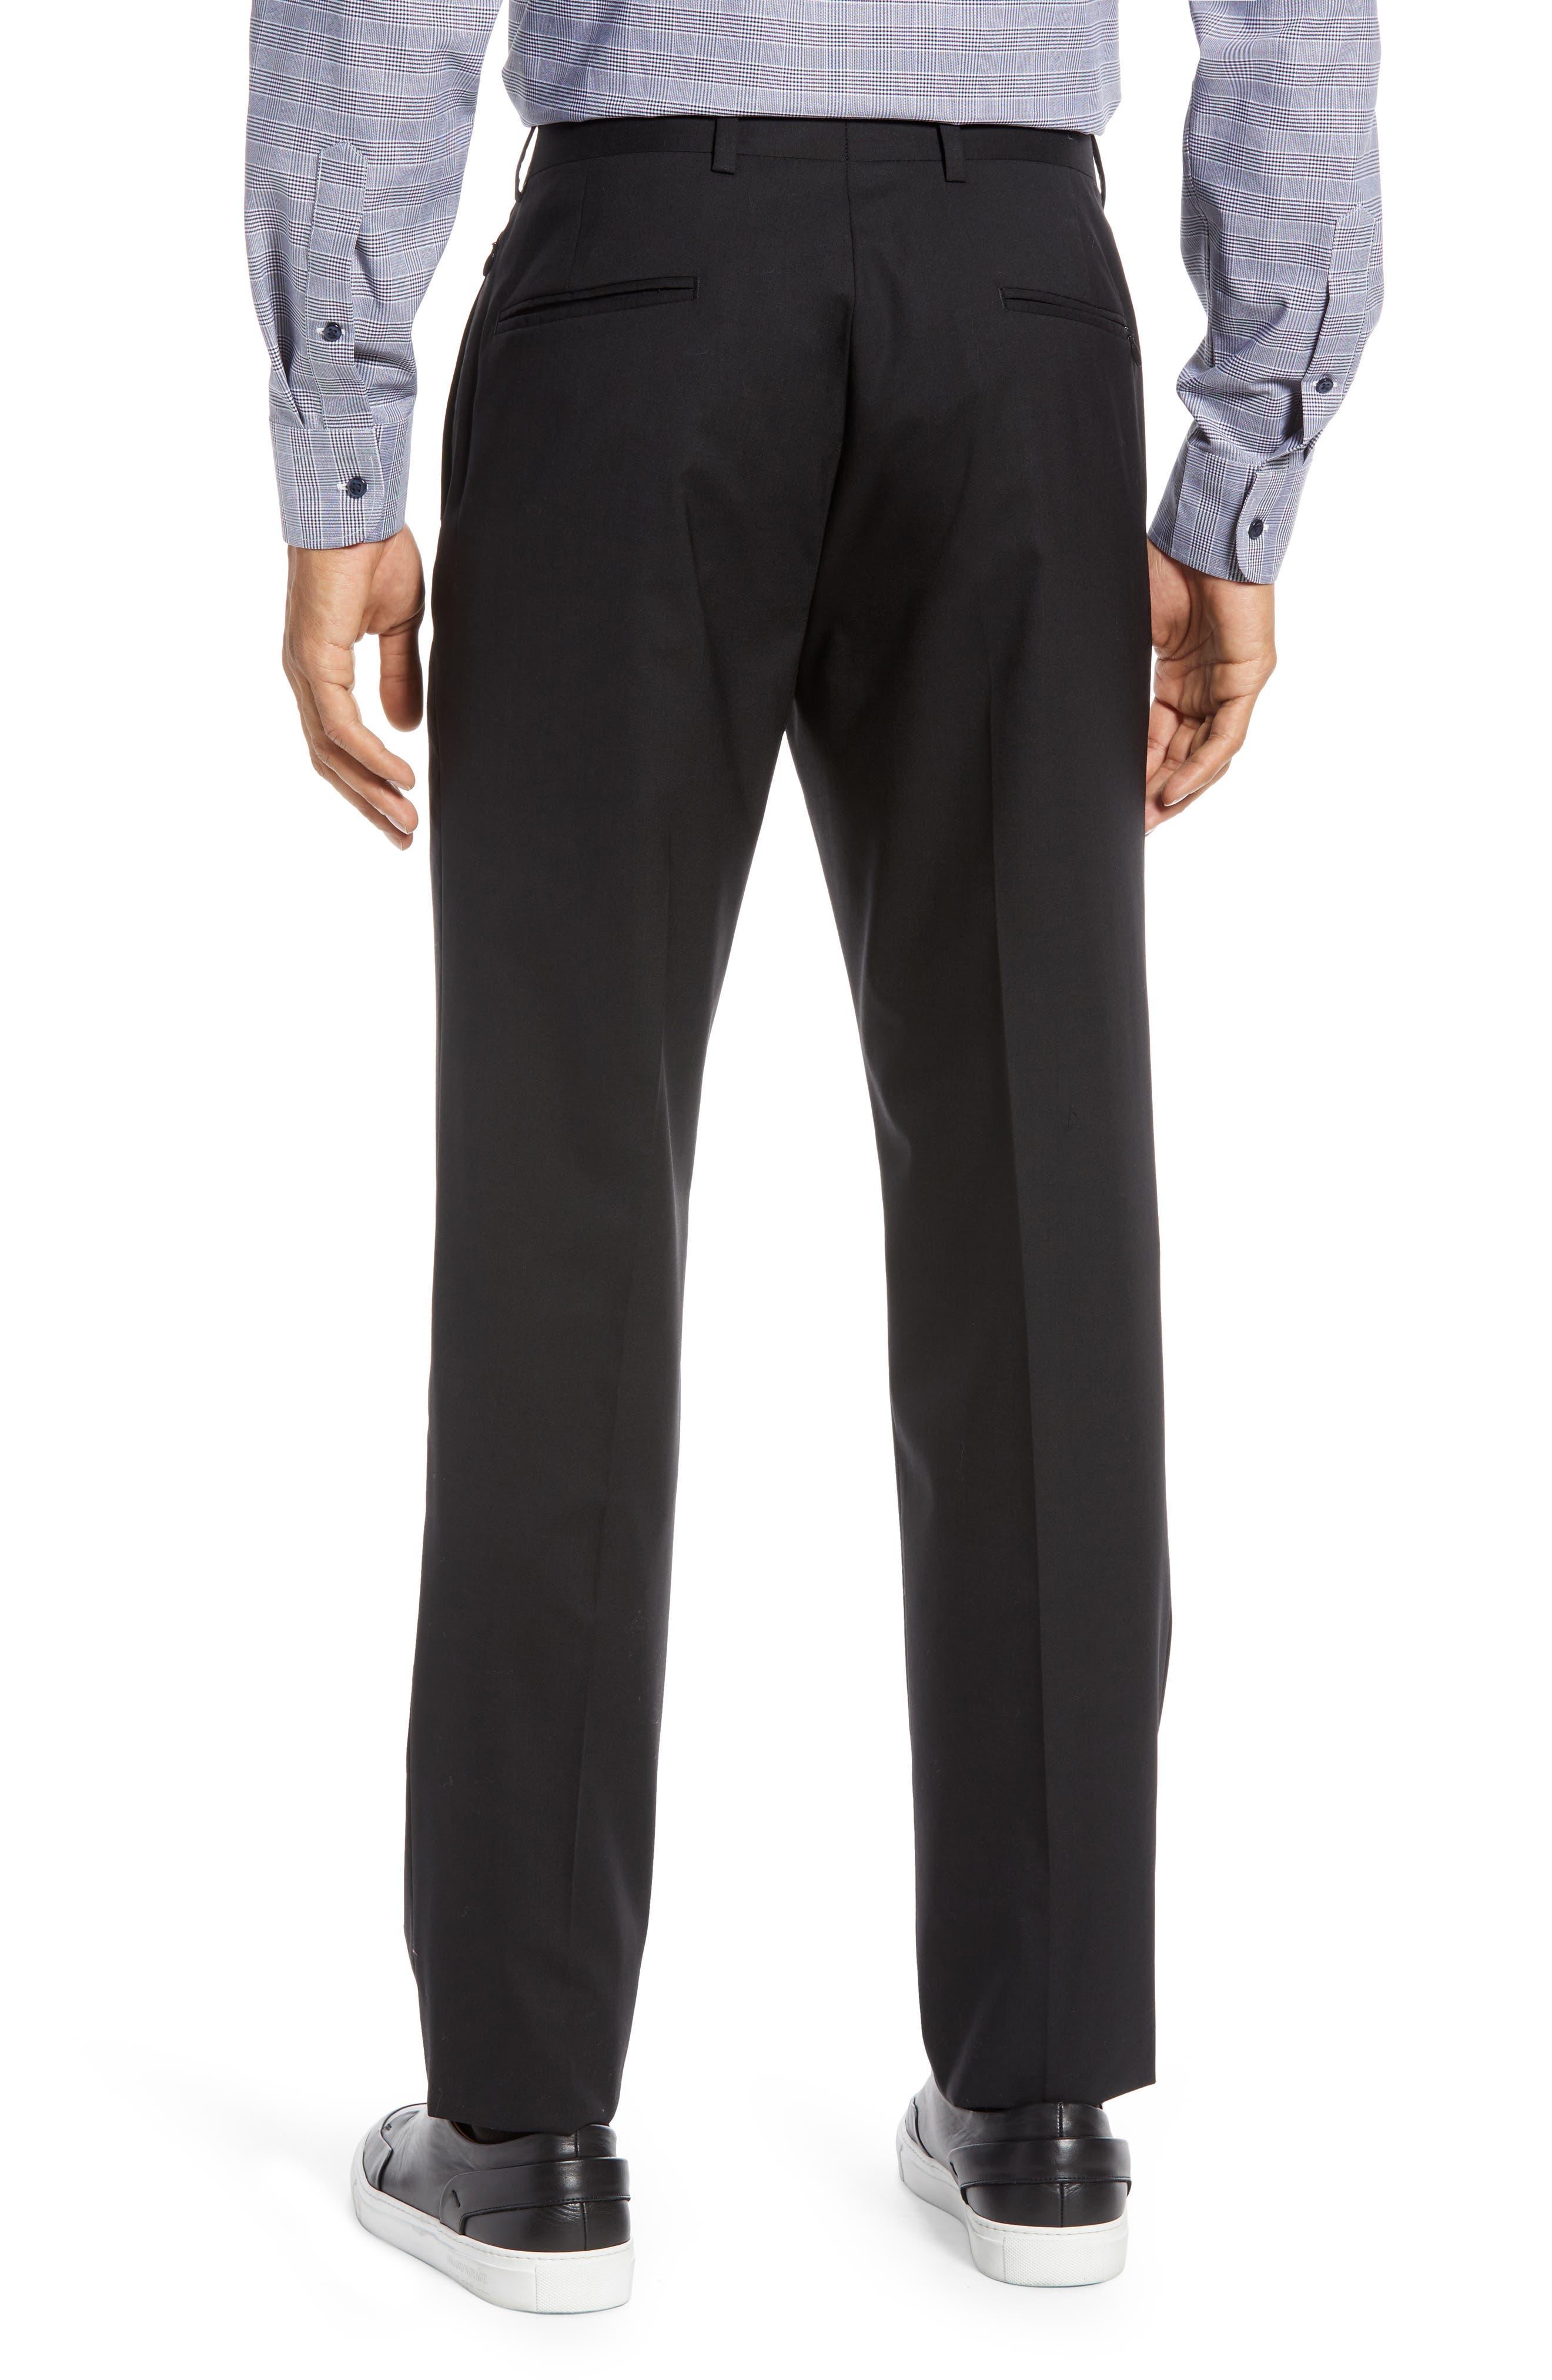 NORDSTROM MEN'S SHOP,                             Tech-Smart Trim Fit Stretch Wool Travel Trousers,                             Alternate thumbnail 2, color,                             BLACK